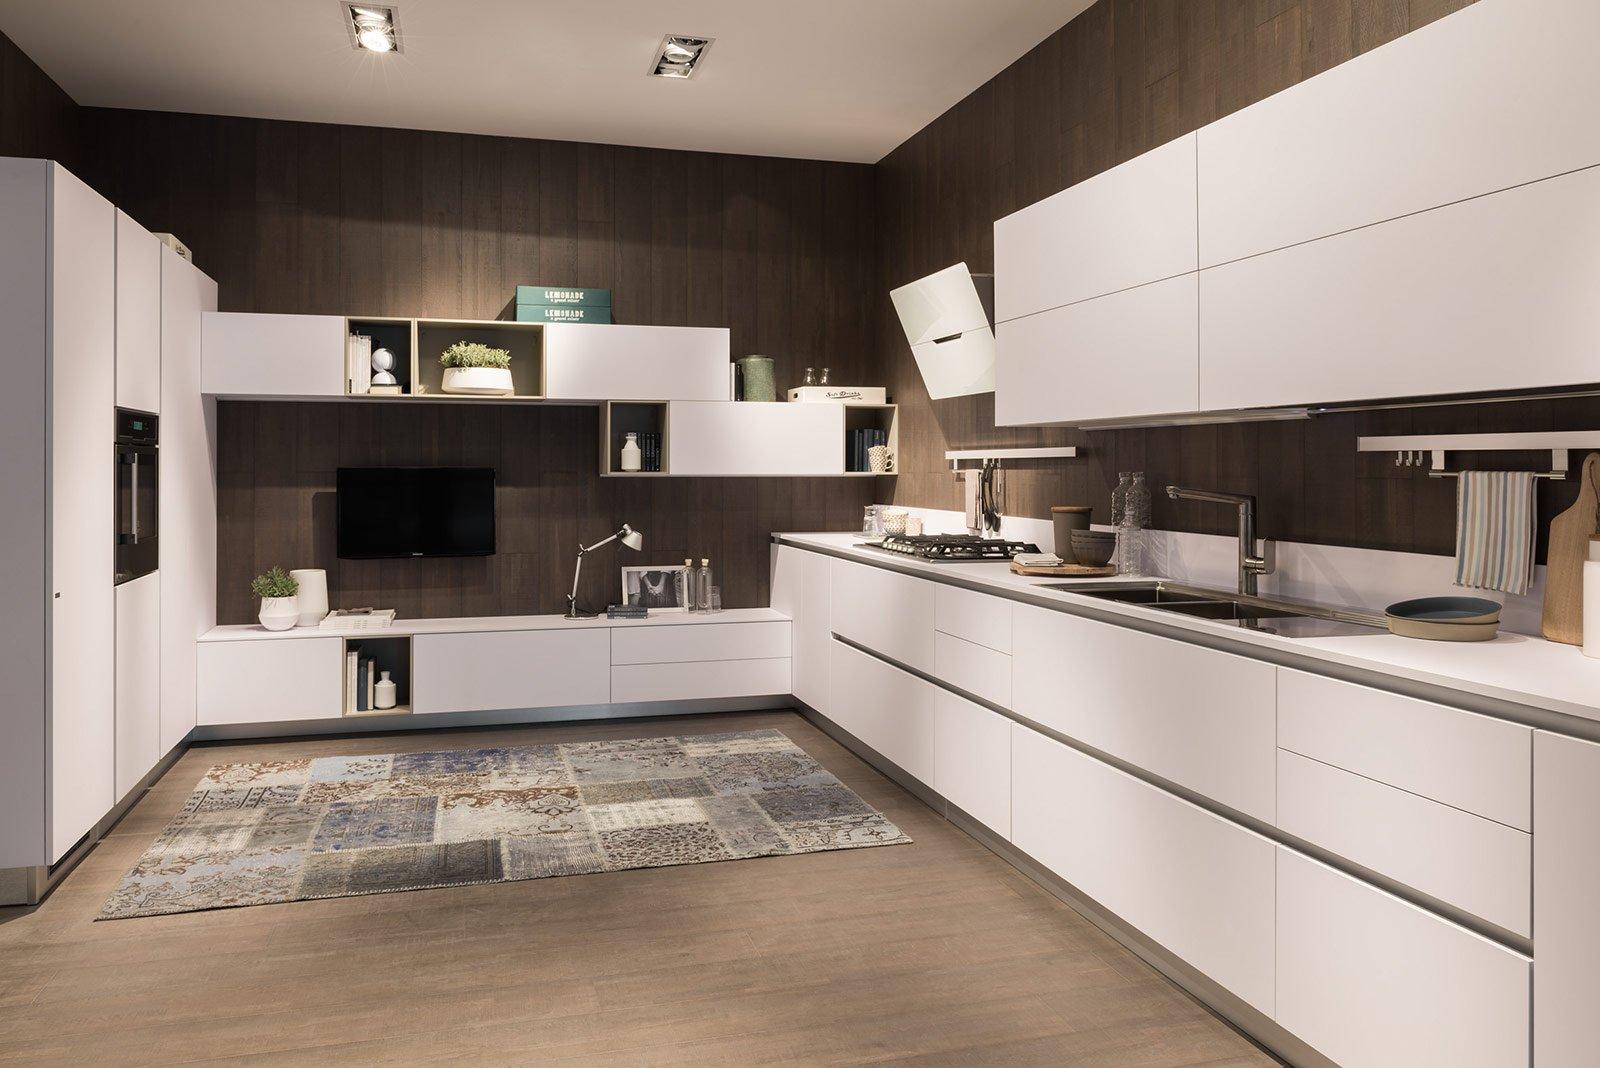 Maniglie Cucina Scavolini - Idee per la progettazione di decorazioni ...